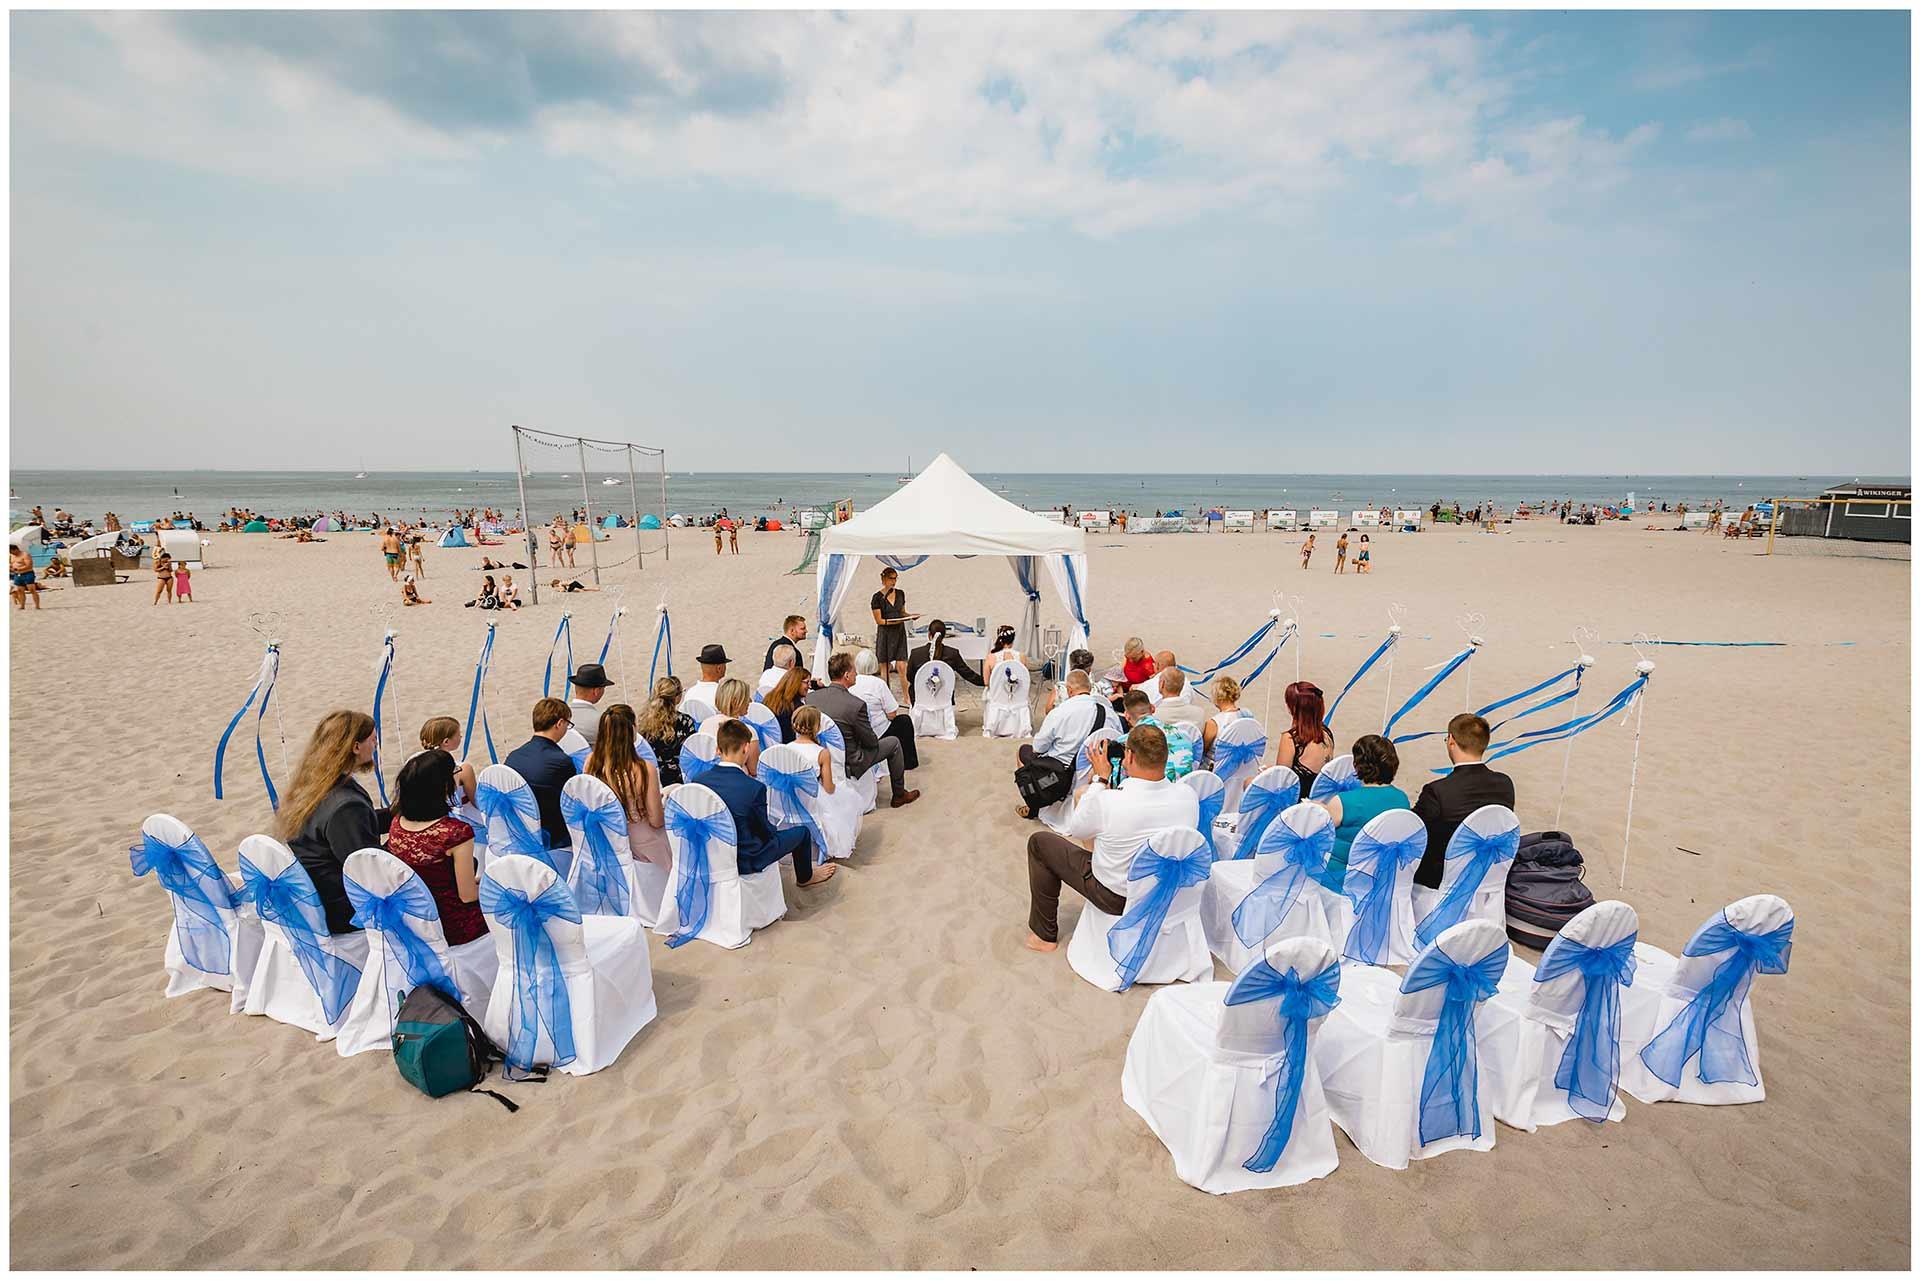 Panorama-der-gesamten-Hochzeits-Location-am-Strand-von-Warnemuende_im-Hintergrund-Strand_Ostsee_Himmel-und-Wolken-Hochzeit-am-Strand-Hochzeitsfotograf-Warnemuende-Hochzeitsfotograf-Rostock-Hochzeitsfotograf-Ostseebad-Warnemuende